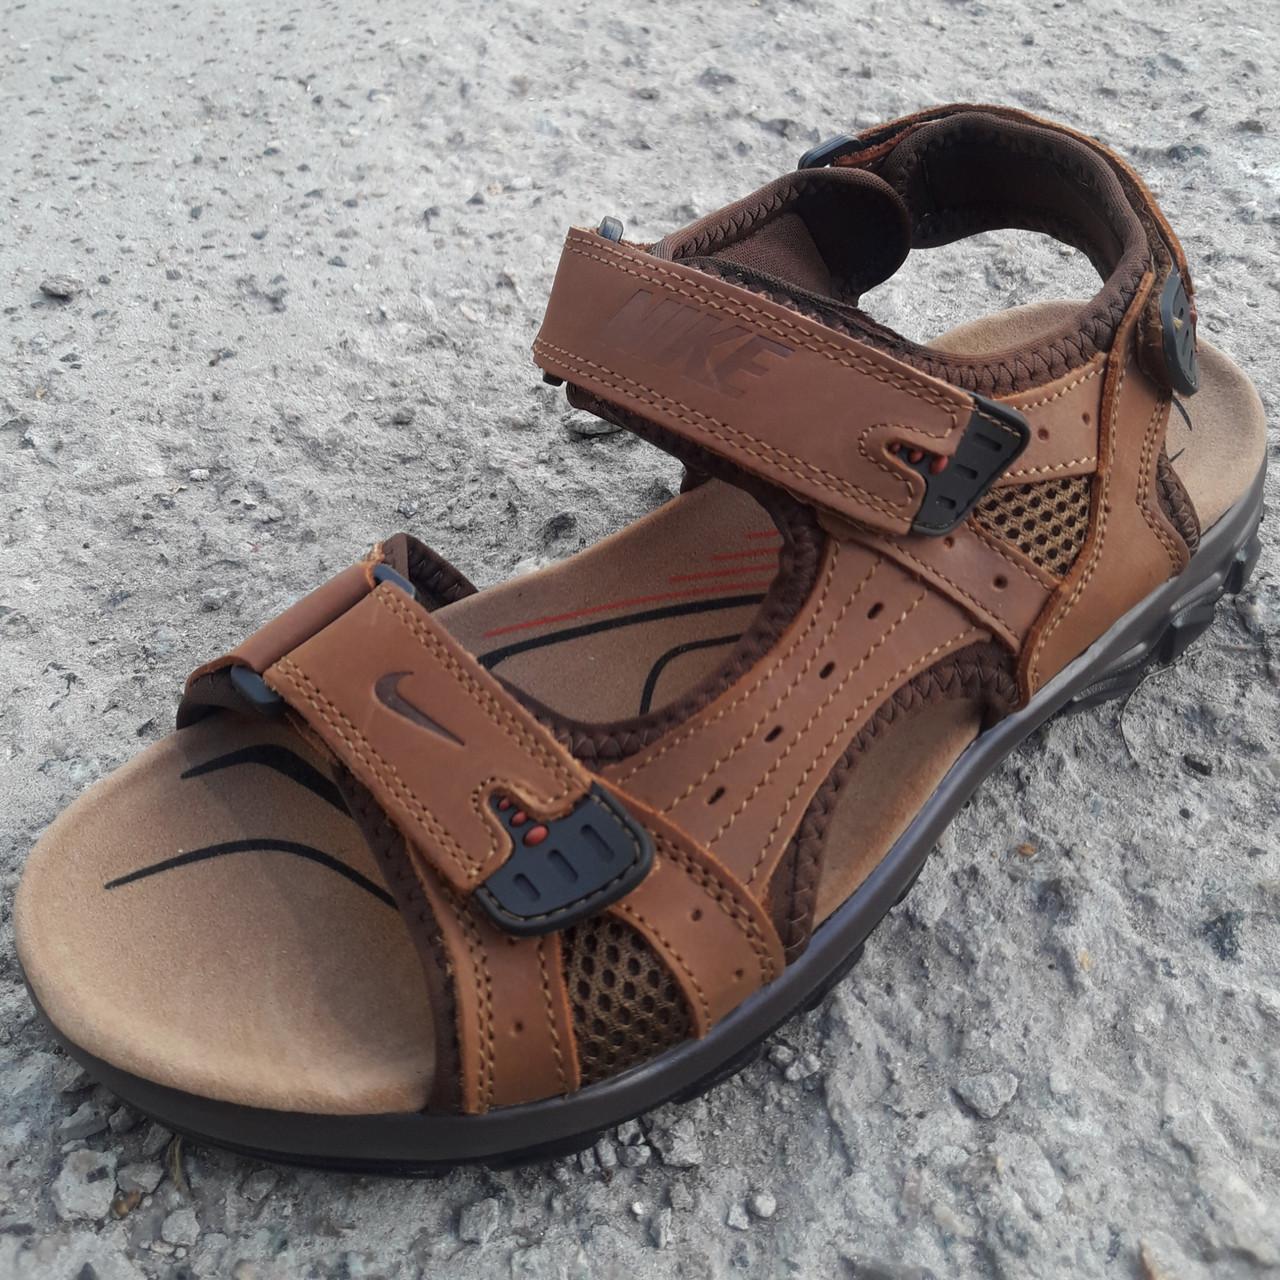 Сандалі чоловічі шкіряні р. 40 світло-коричневі Nike